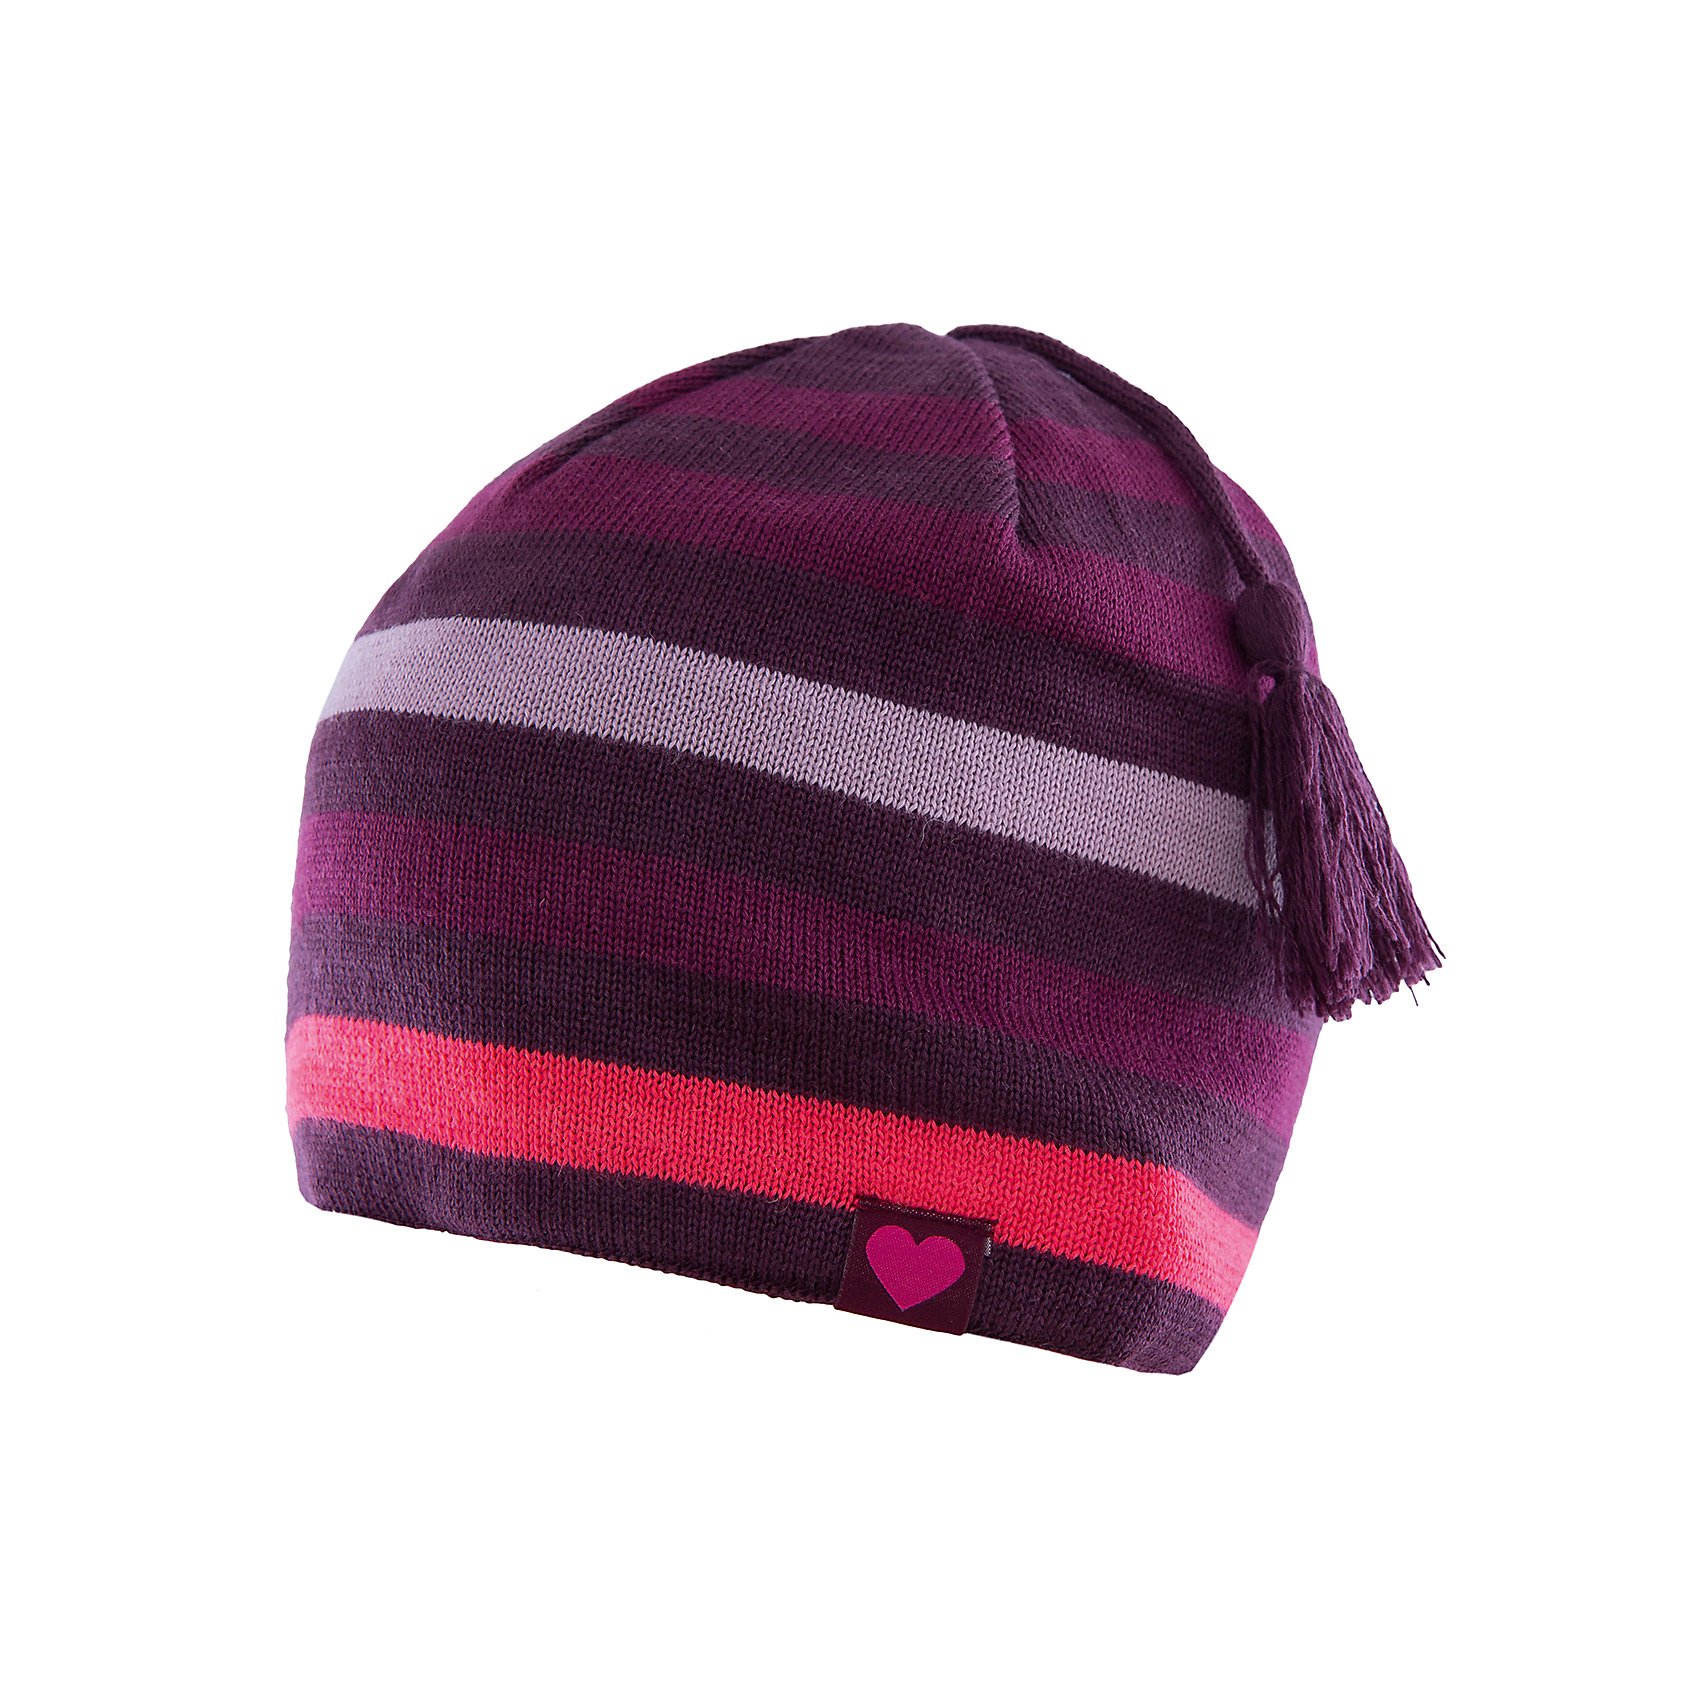 Шапка LASSIEШапки и шарфы<br>Шапка «Бини» для детей известной финской марки.<br><br>- Мягкая и теплая ткань из смеси шерсти.<br><br>- Ветронепроницаемые вставки в области ушей.<br>- Мягкая теплая подкладка из флиса. <br>- Помпон сверху. <br>- Декоративная структура поверхности. <br>- Светоотражающая эмблема Lassie® спереди.  <br><br>Рекомендации по уходу: Придать первоначальную форму вo влажном виде. <br><br>Возможна усадка 5 %.Состав: 50% Шерсть, 50% полиакрил.<br><br>Ширина мм: 89<br>Глубина мм: 117<br>Высота мм: 44<br>Вес г: 155<br>Цвет: фиолетовый<br>Возраст от месяцев: 12<br>Возраст до месяцев: 24<br>Пол: Женский<br>Возраст: Детский<br>Размер: 46-48,54-56,50-52<br>SKU: 4780697